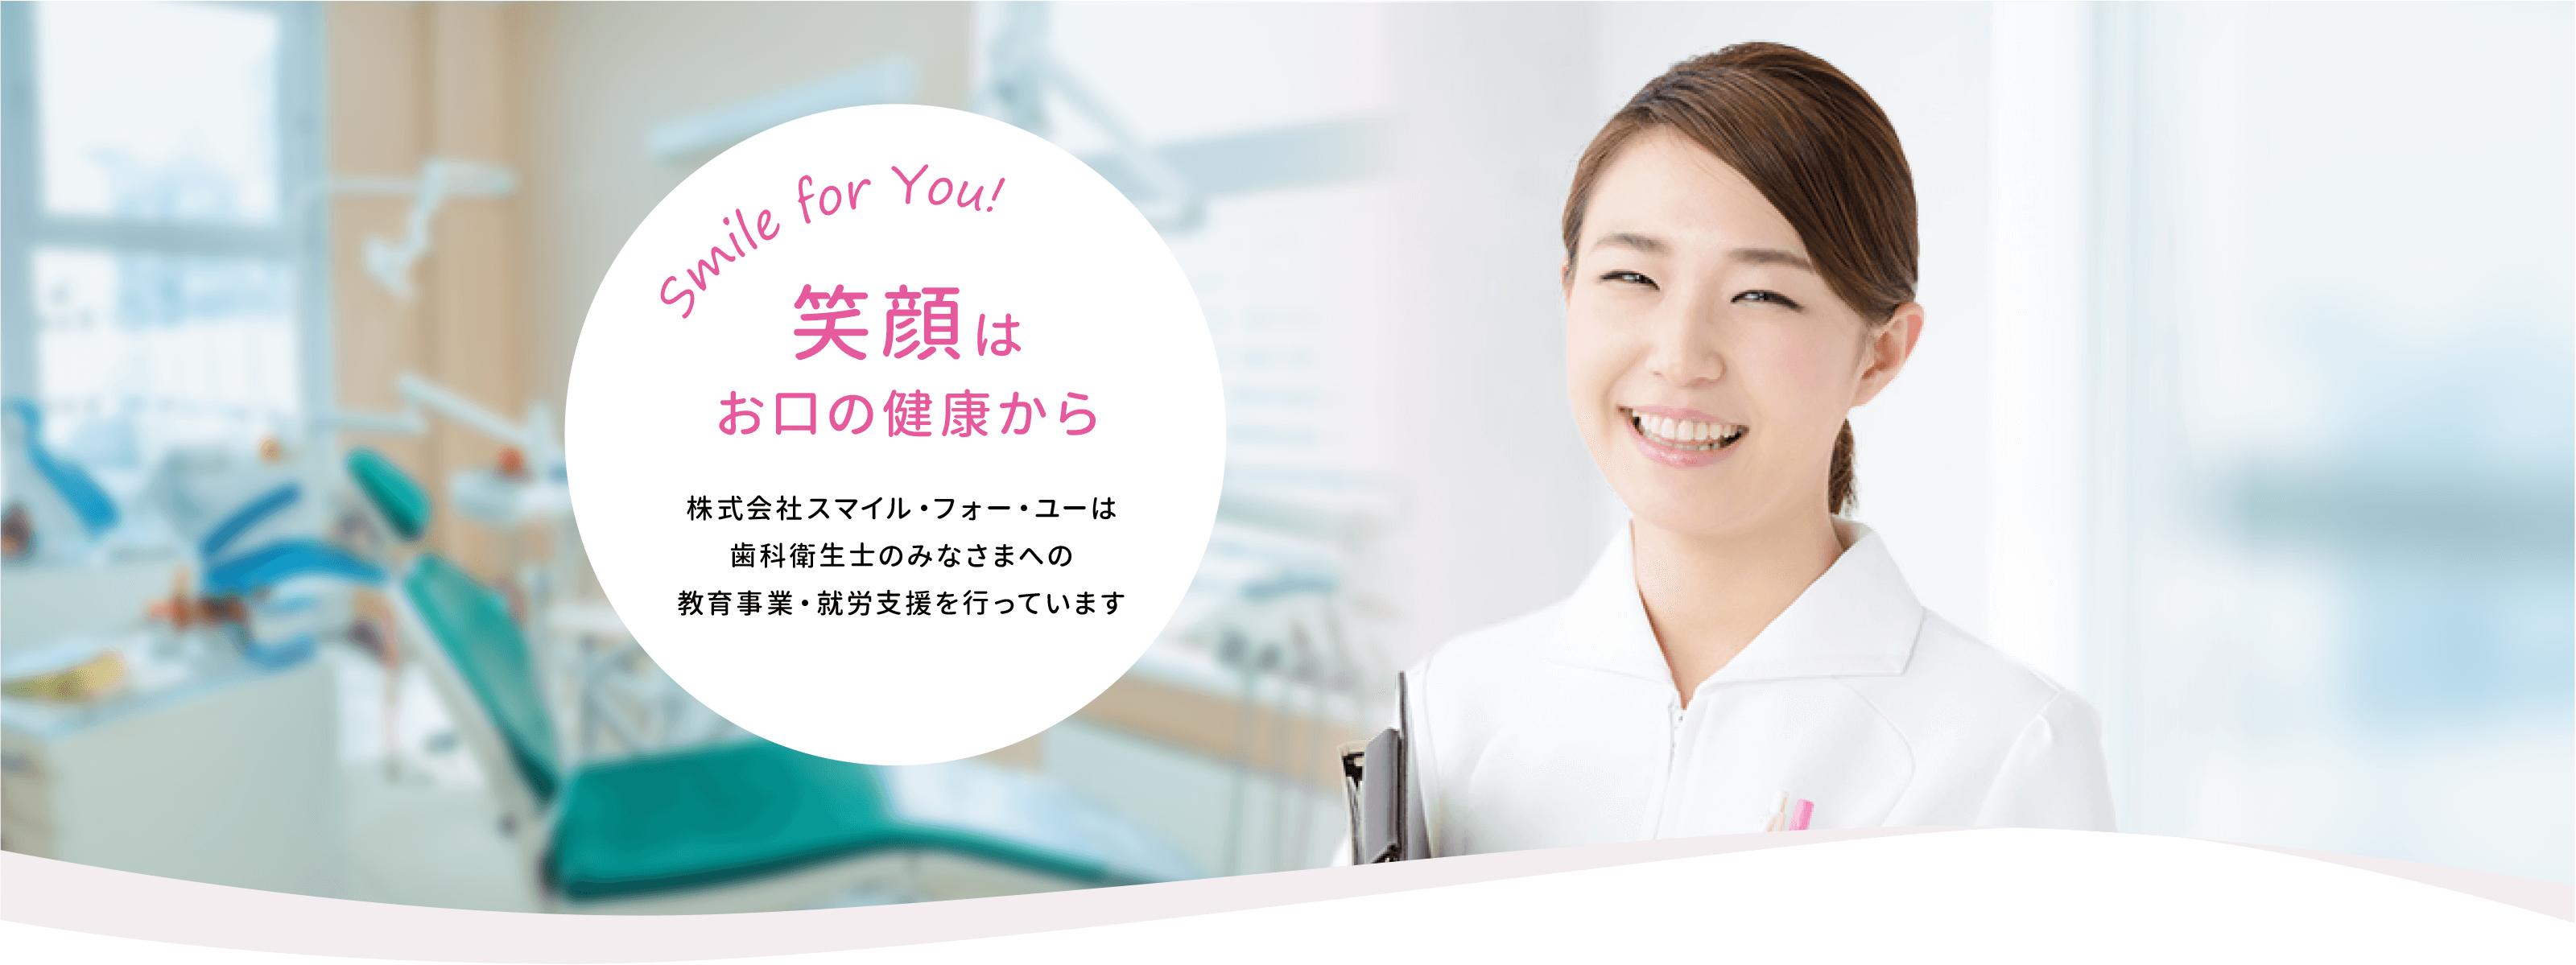 株式会社スマイル・フォー・ユーは歯科衛生士のみなさまへの教育事業・就労支援を行っています